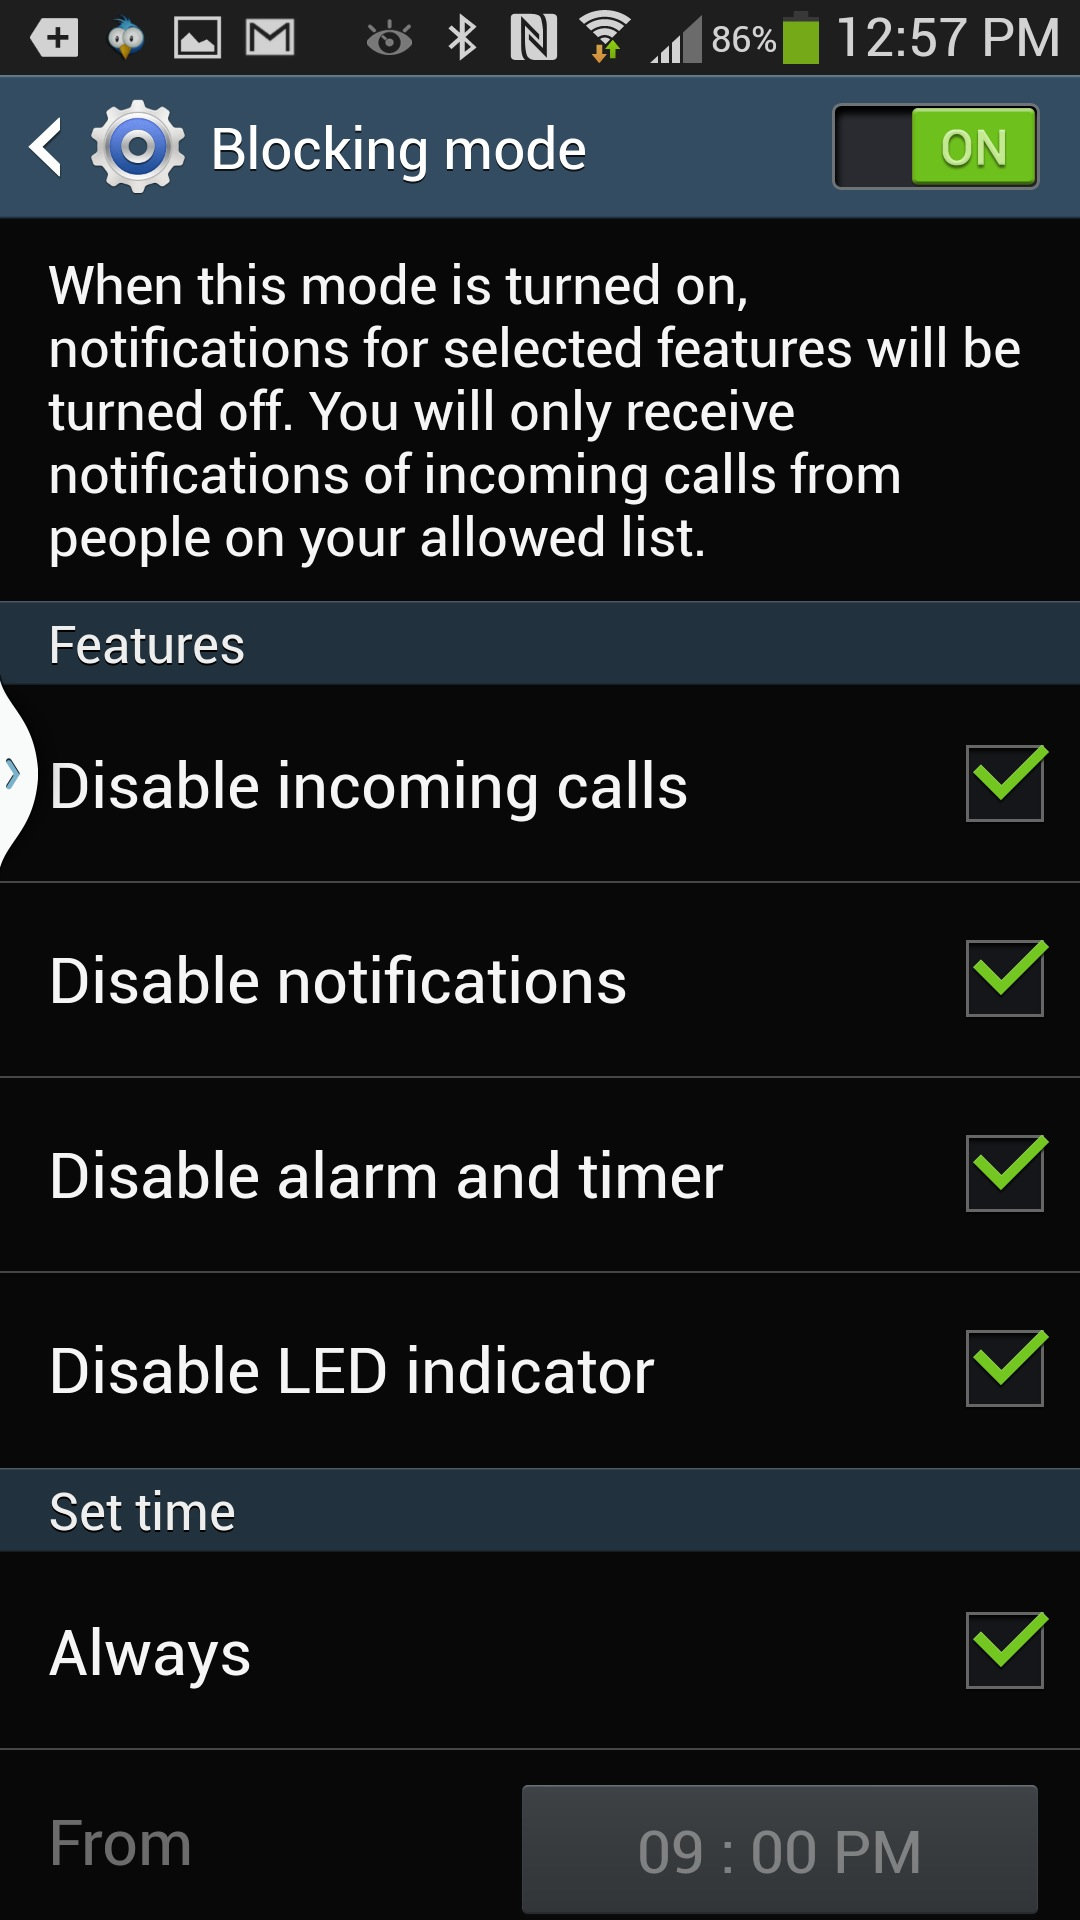 Blocking mobile phone - mobile phone blocking device